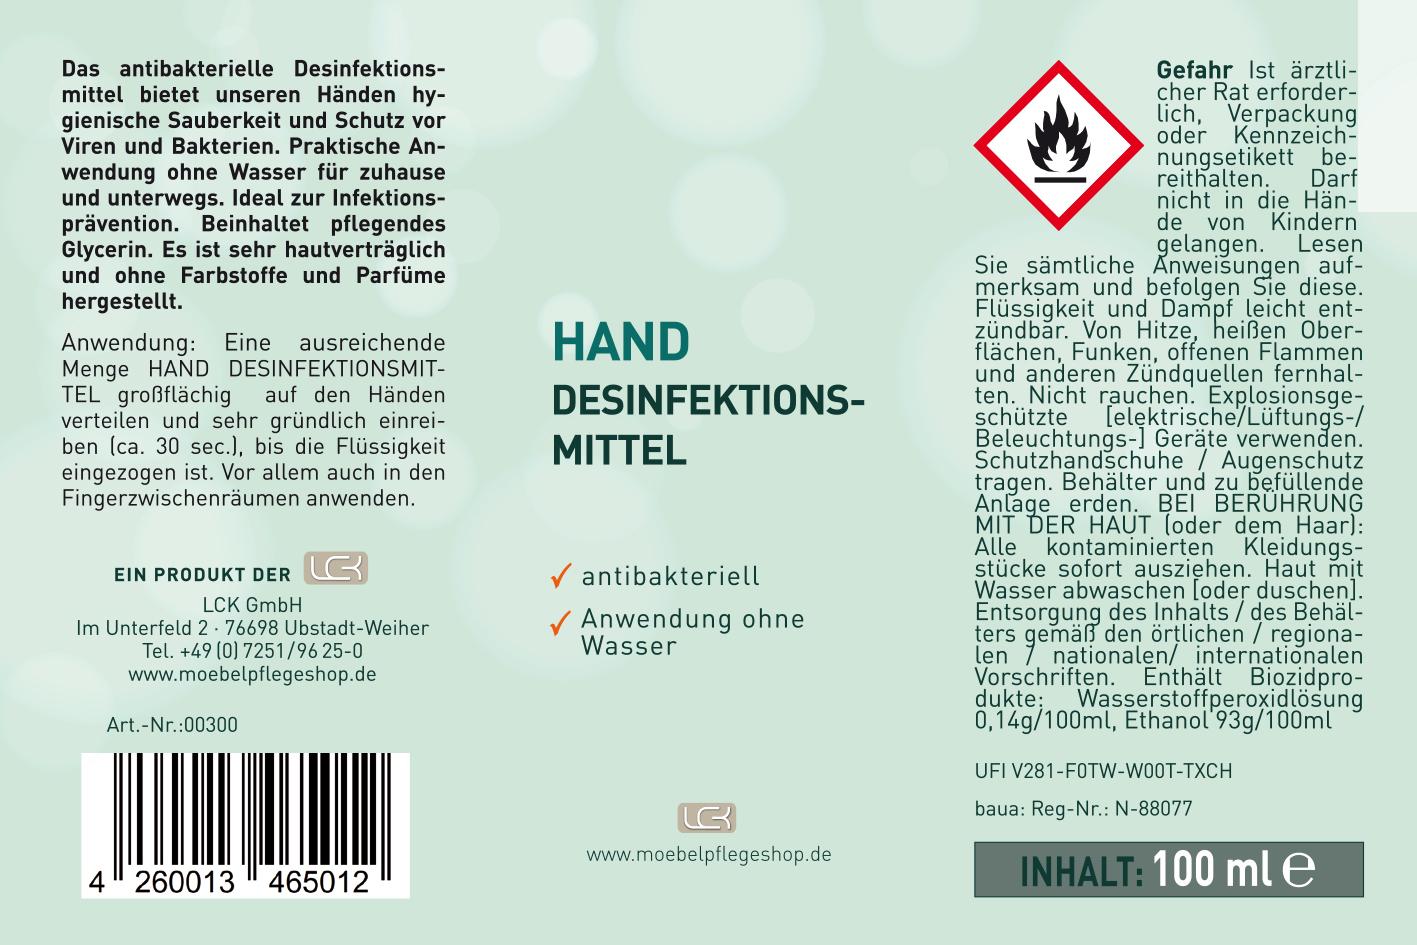 Hand-Desinfektionsmittel >> antibakteriell 2